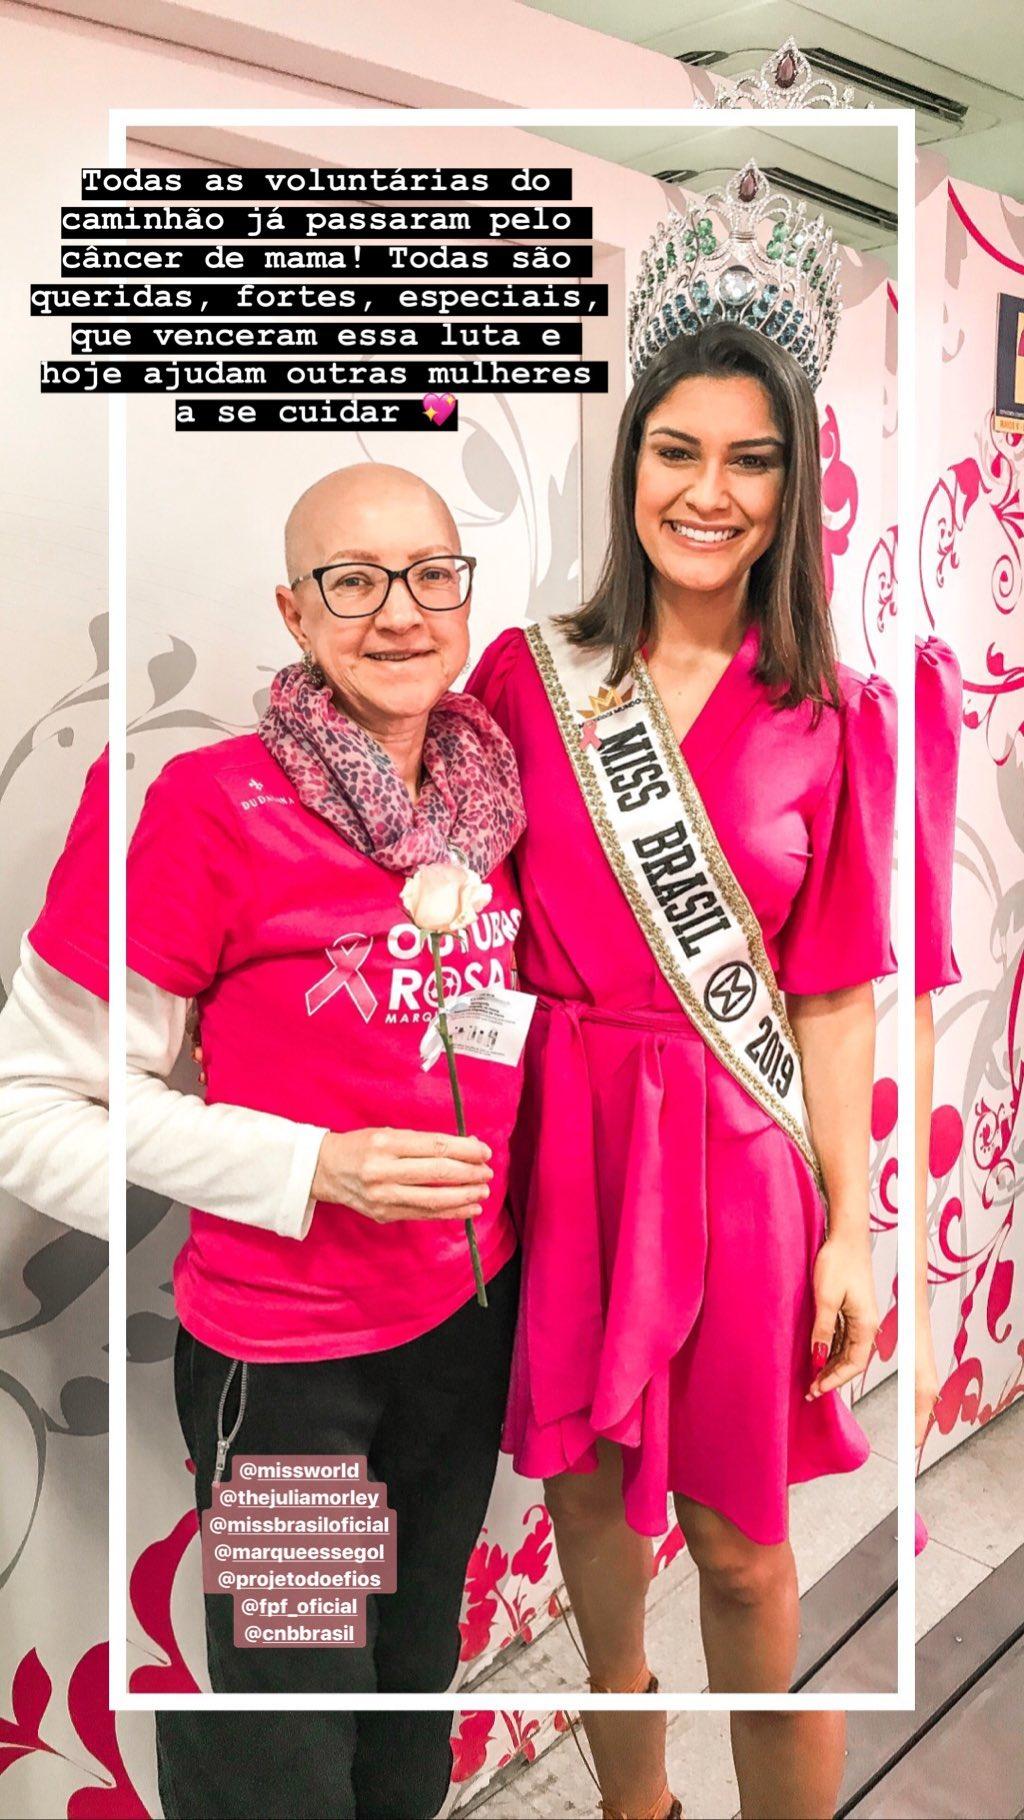 elis miele, top 5 de miss world 2019. - Página 22 Alex-539